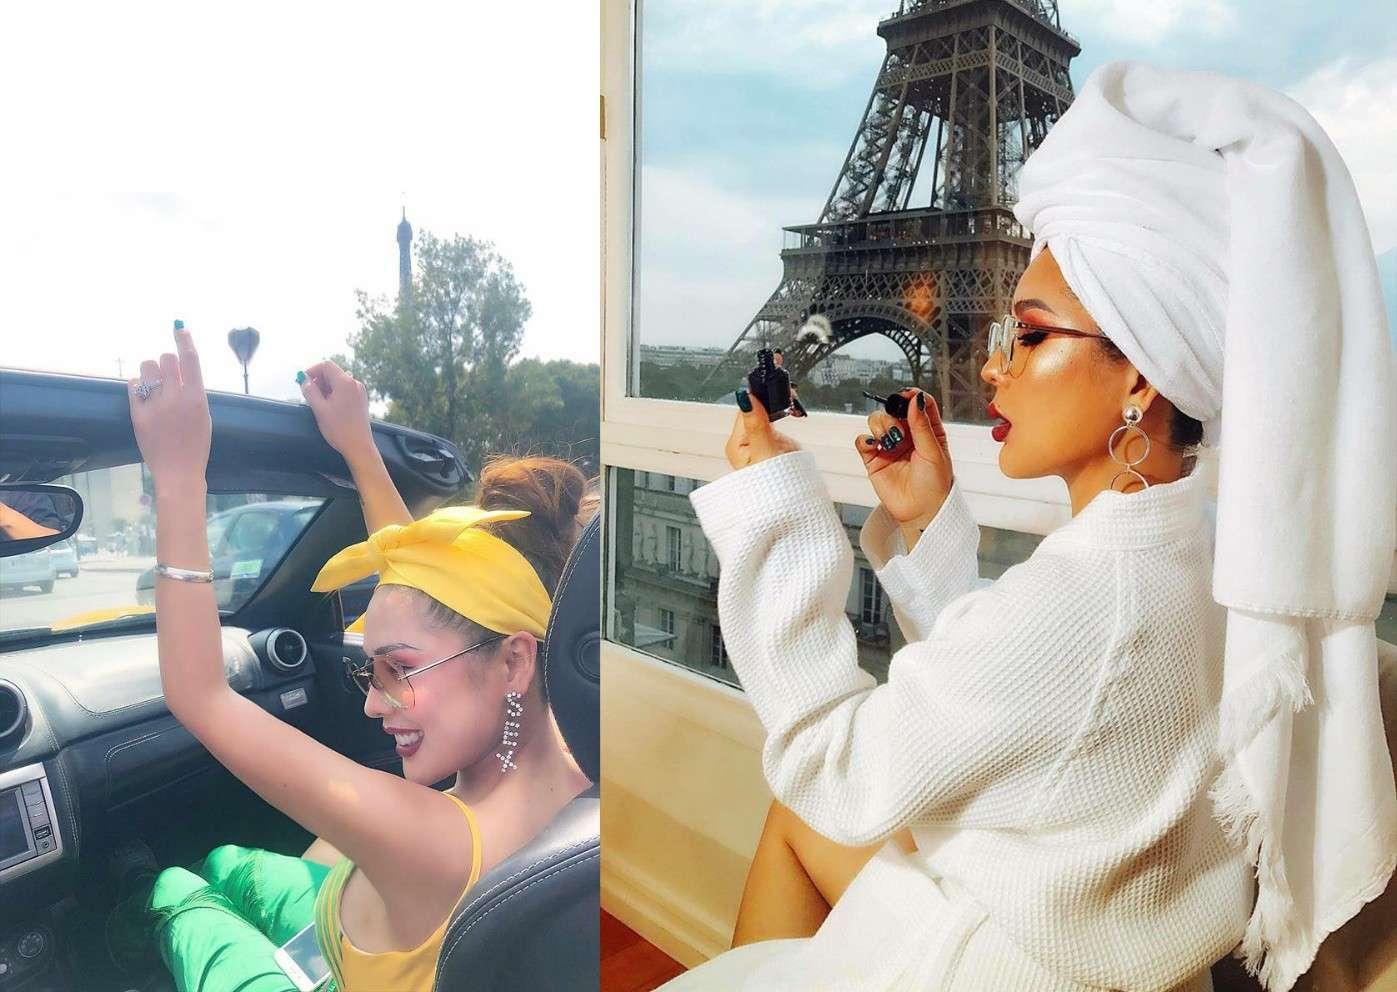 Chuyến du lịch đến Paris- thủ đô nước Pháp như một món quà mà Tina Lê tự thưởng cho mình sau một năm làm việc hết mình